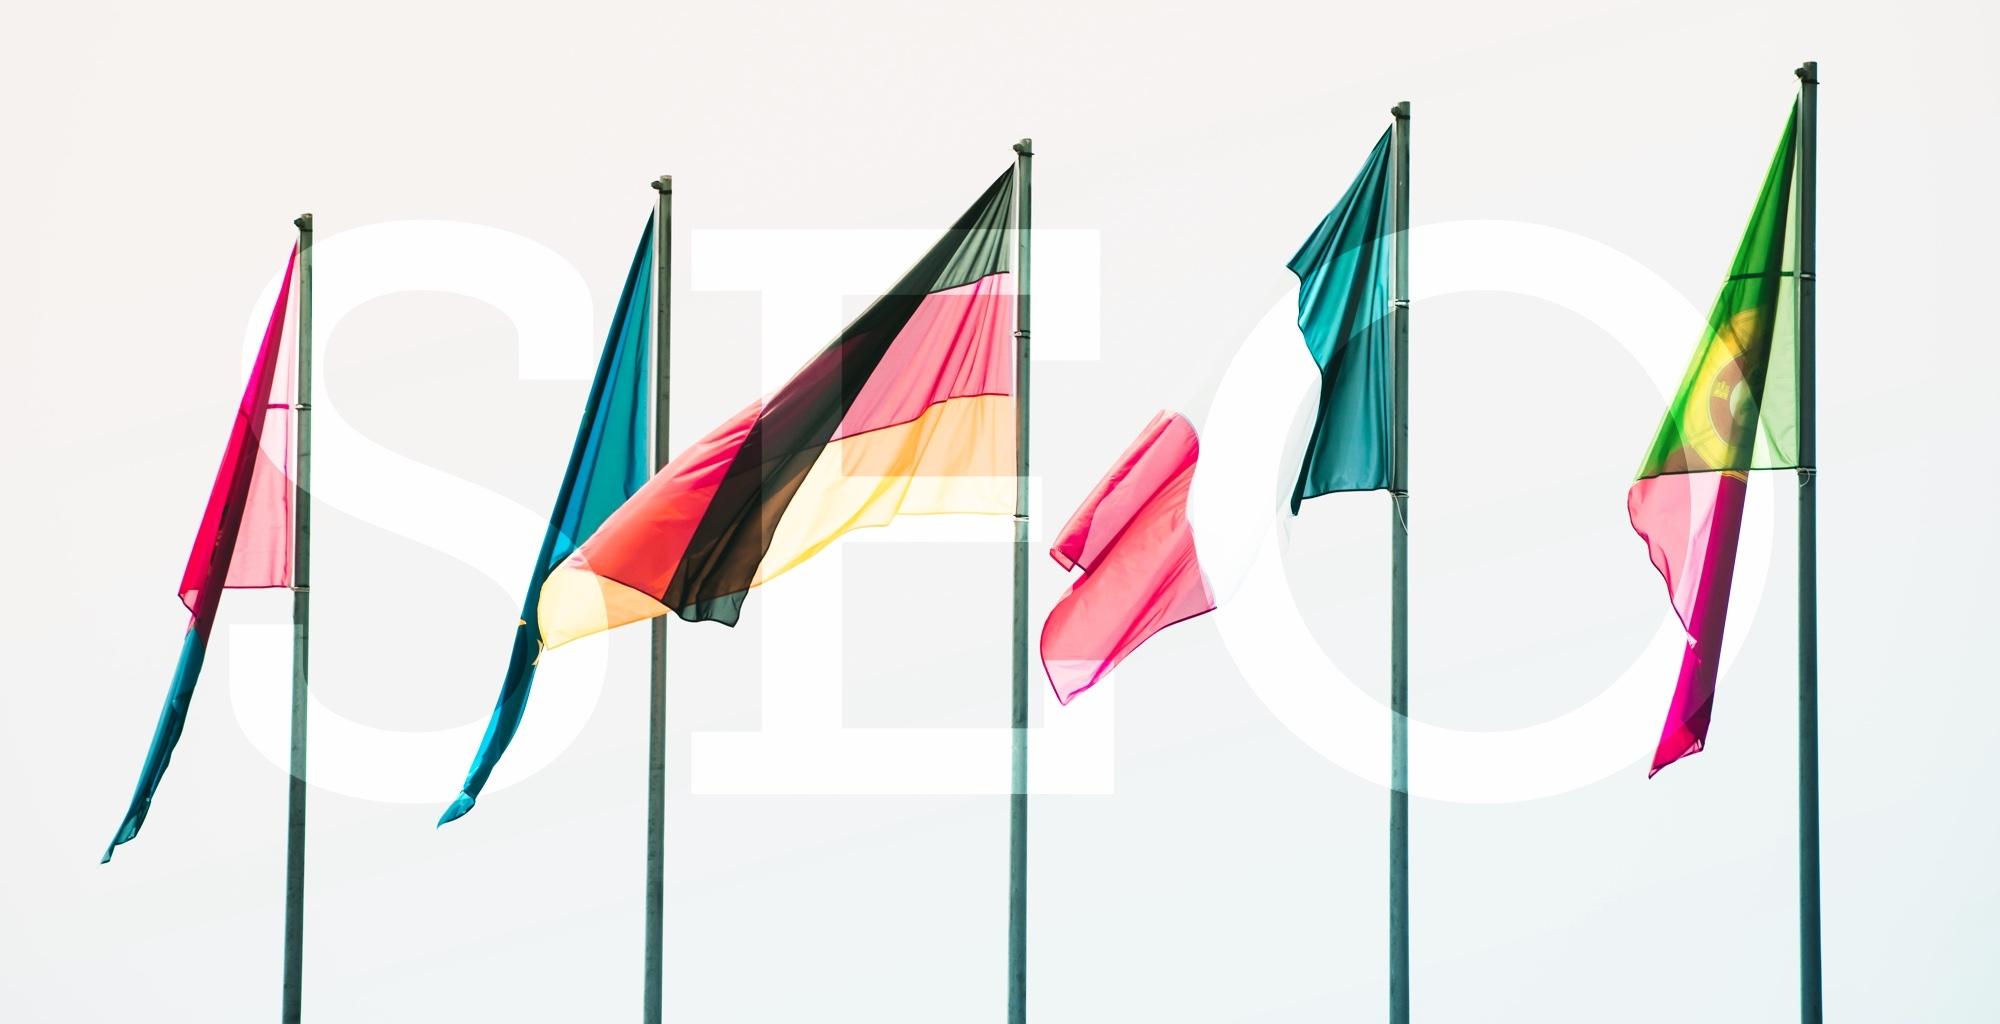 12 errores comunes cuando se realiza SEO internacional